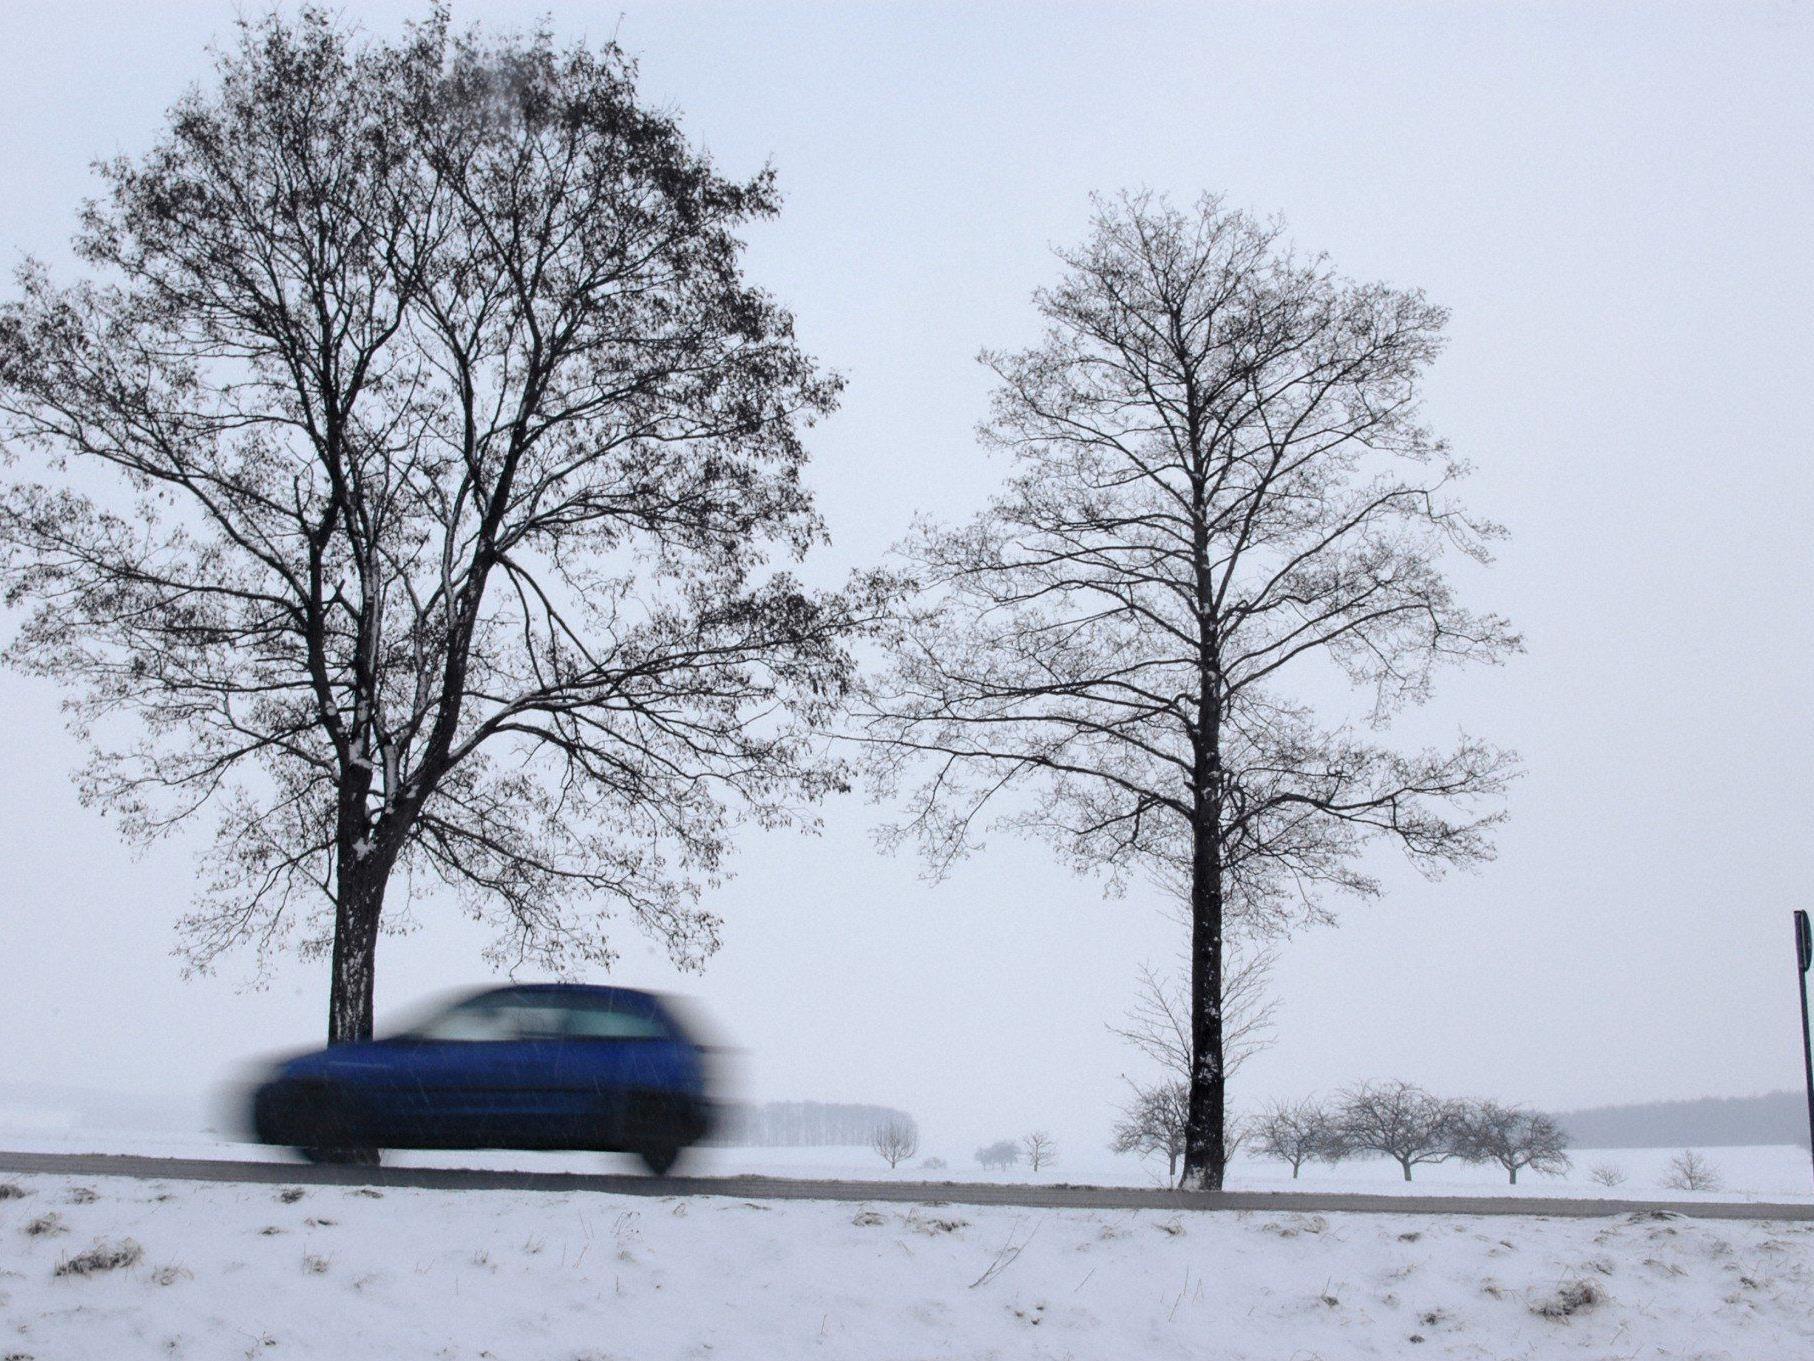 Auf der winterlichen Fahrbahn verlor der 19-Jährige die Kontrolle über seinen Pkw.